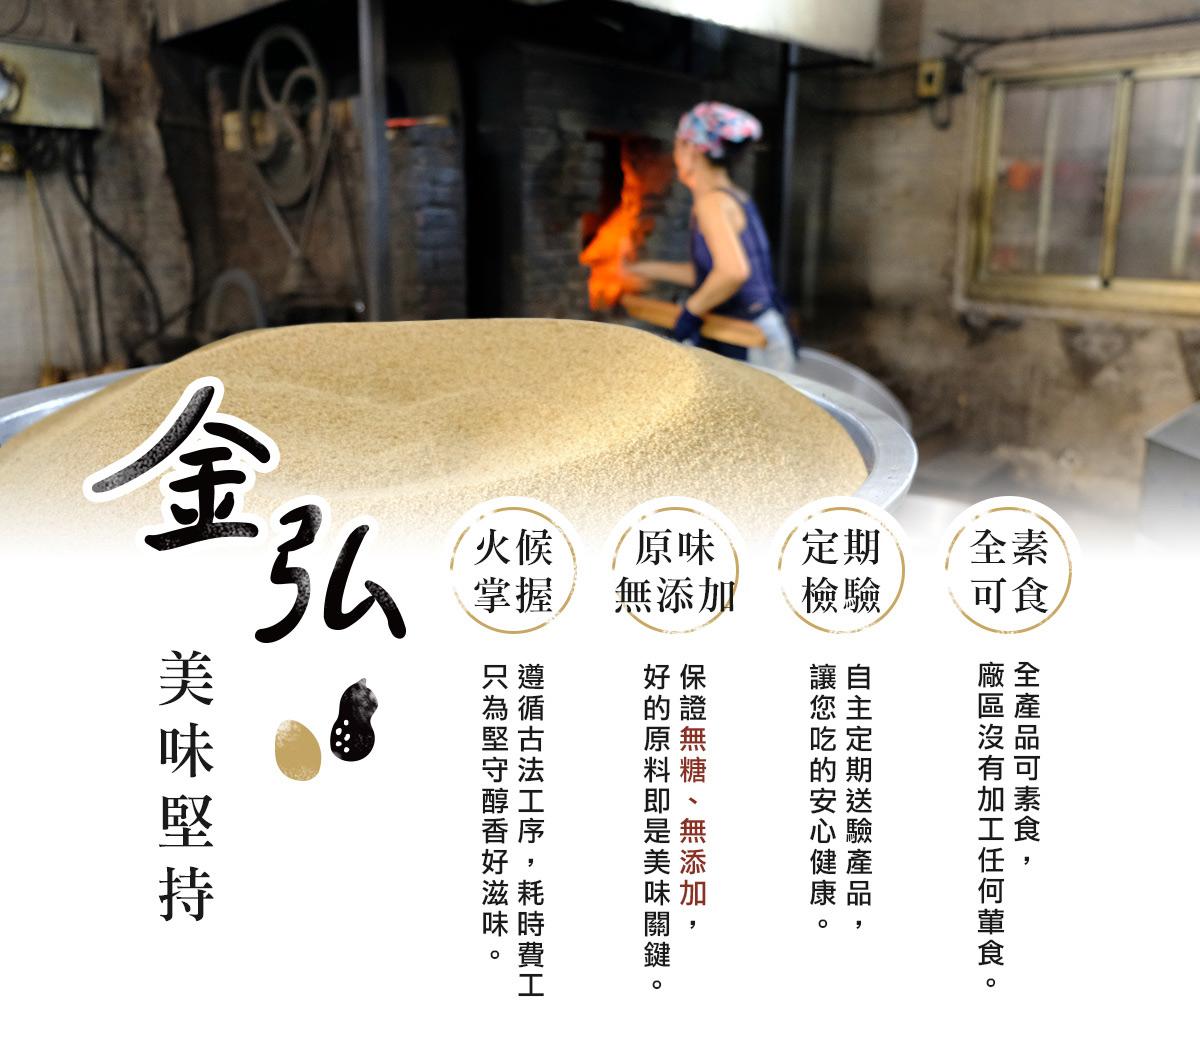 金弘的美味堅持:古法柴燒、原味無添加、定期檢驗、全產品素食可食。